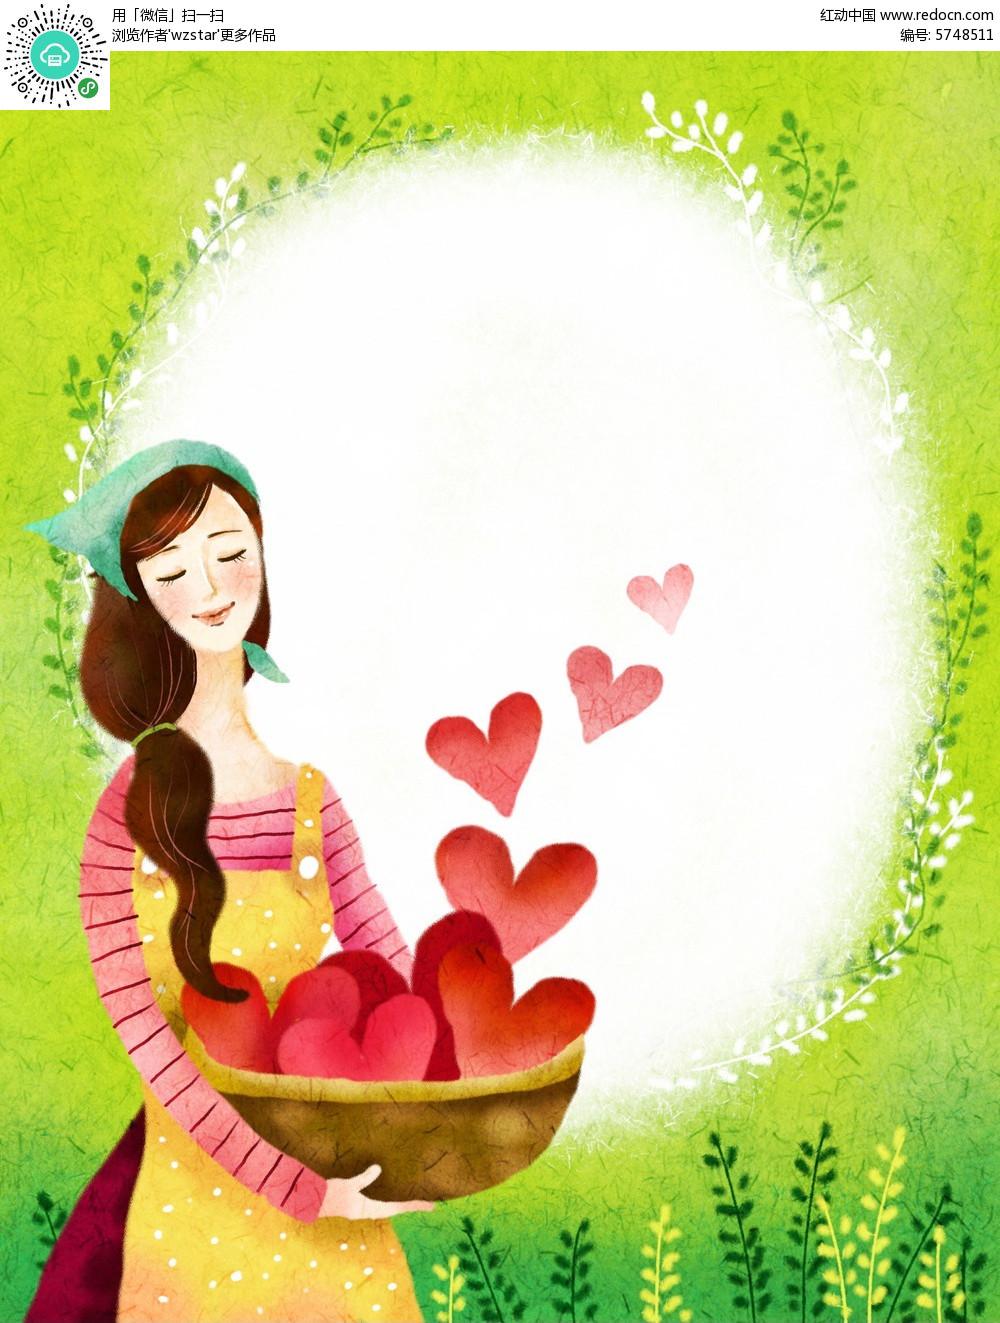 拿着爱心的女孩手绘海报设计